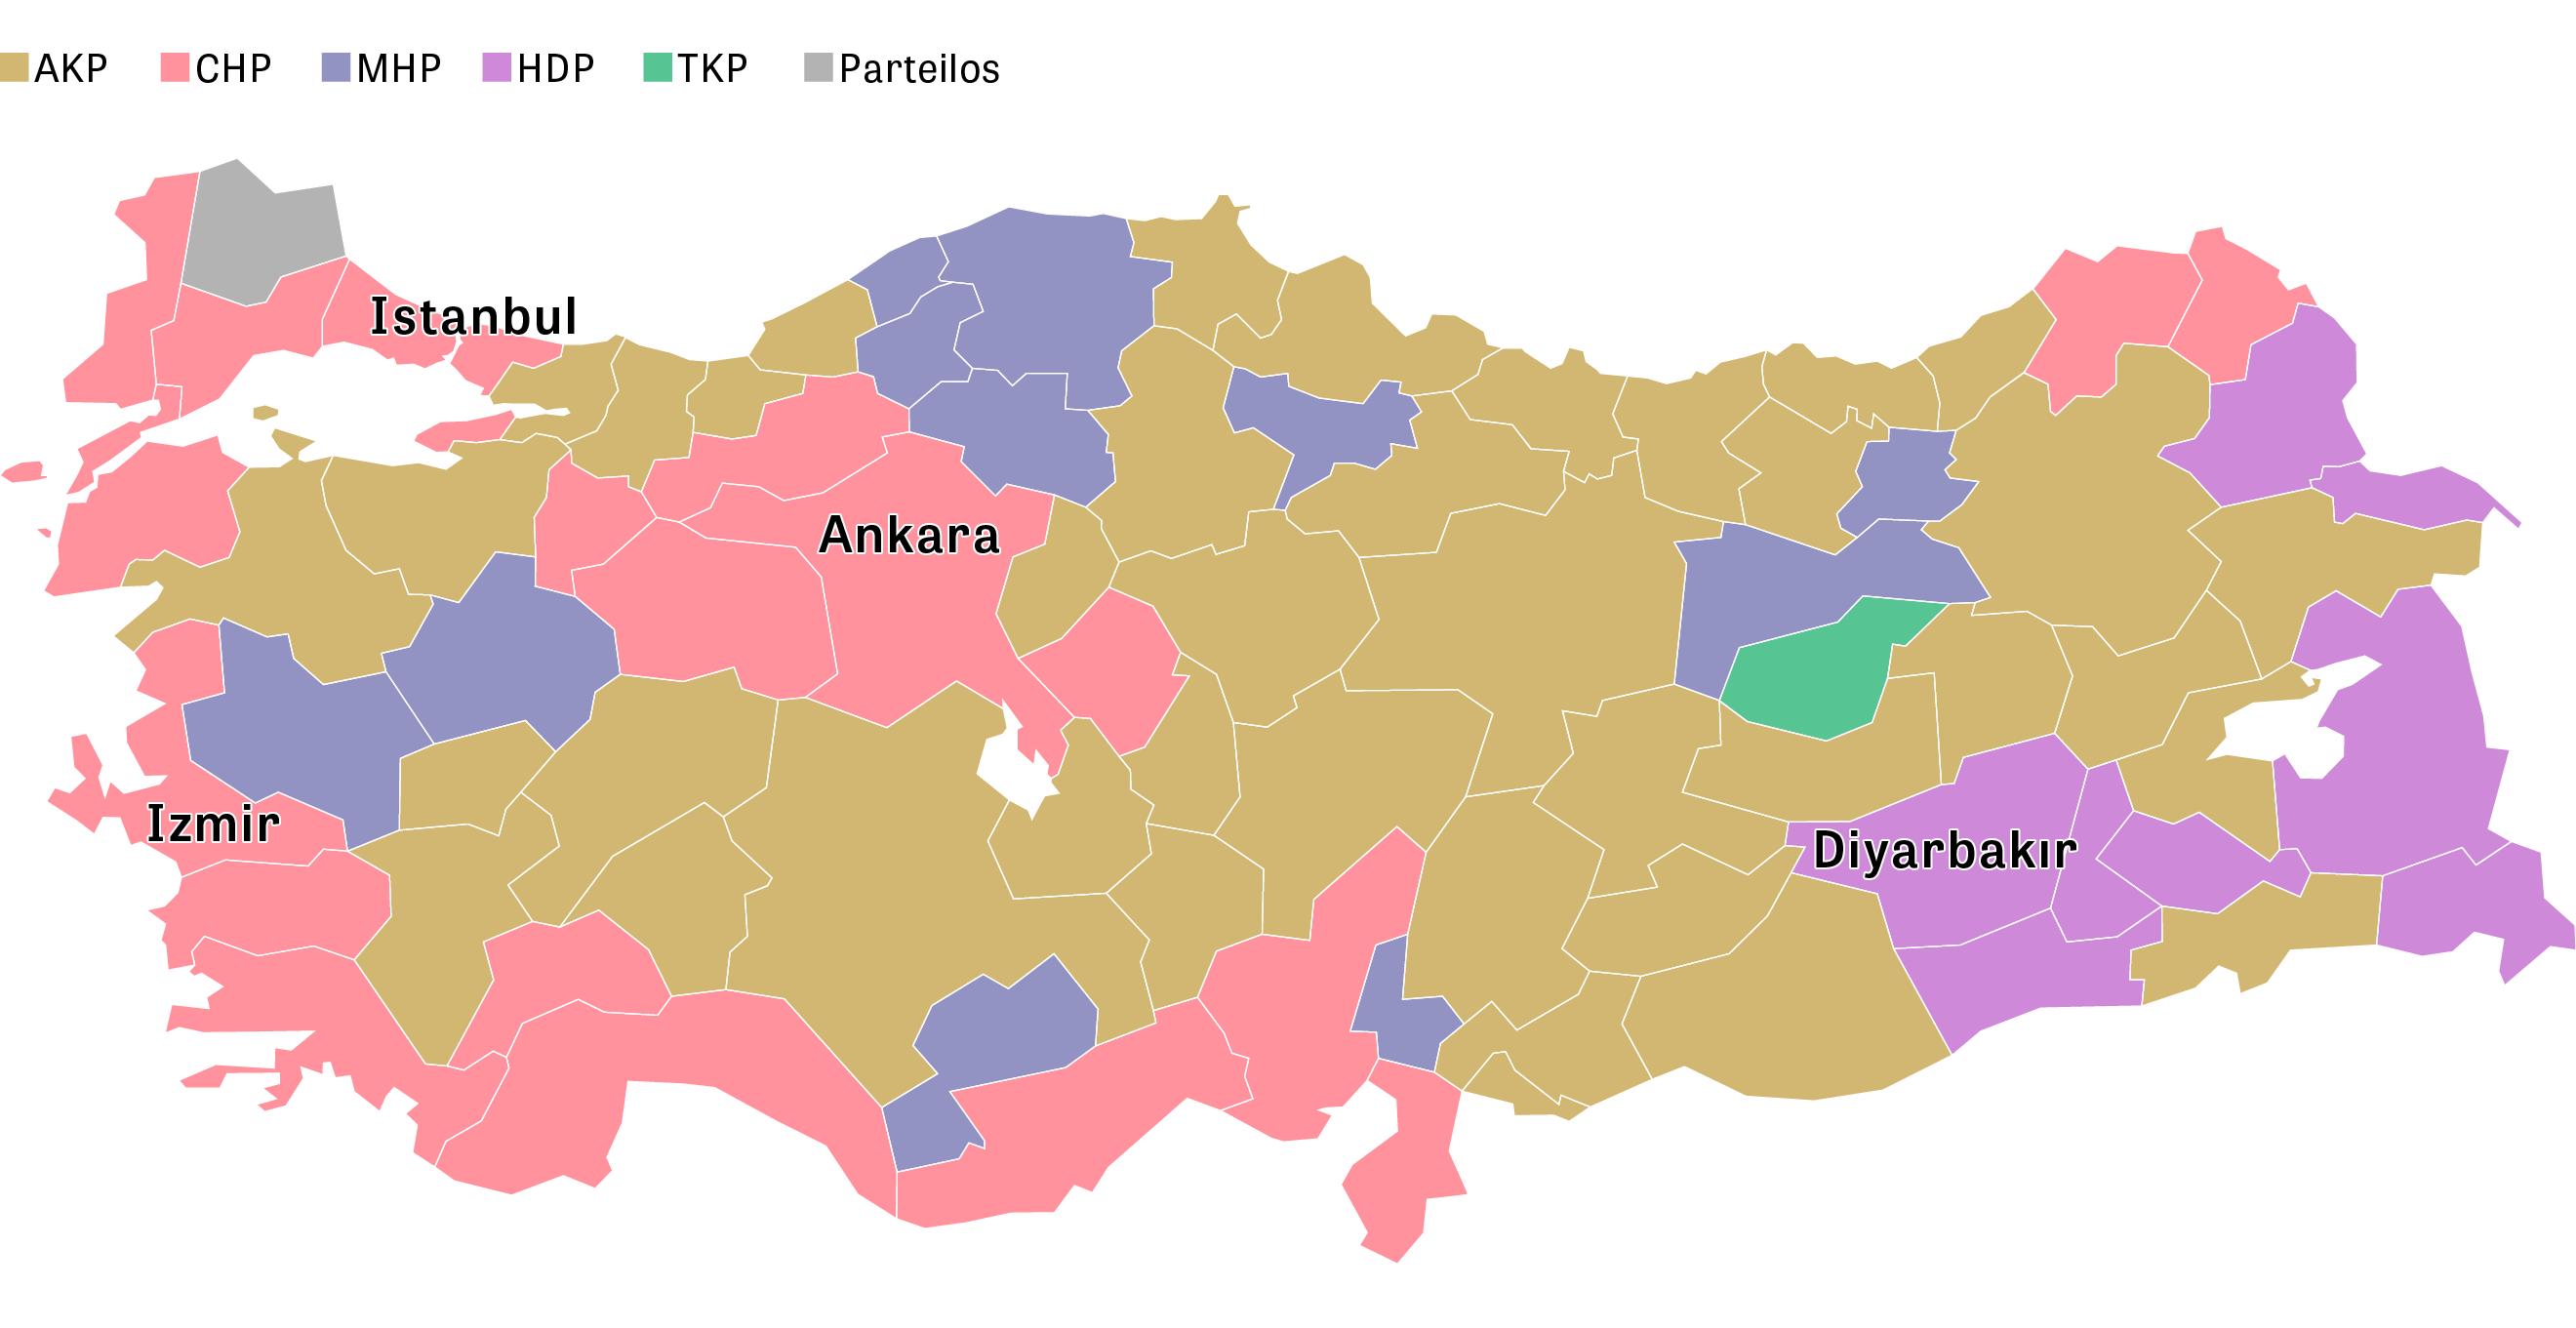 Türkei: Nach Jahren an der Macht musste die Regierungspartei AKP in Istanbul und Ankara das Bürgermeisteramt an die Oppositionspartei CHP abgeben.